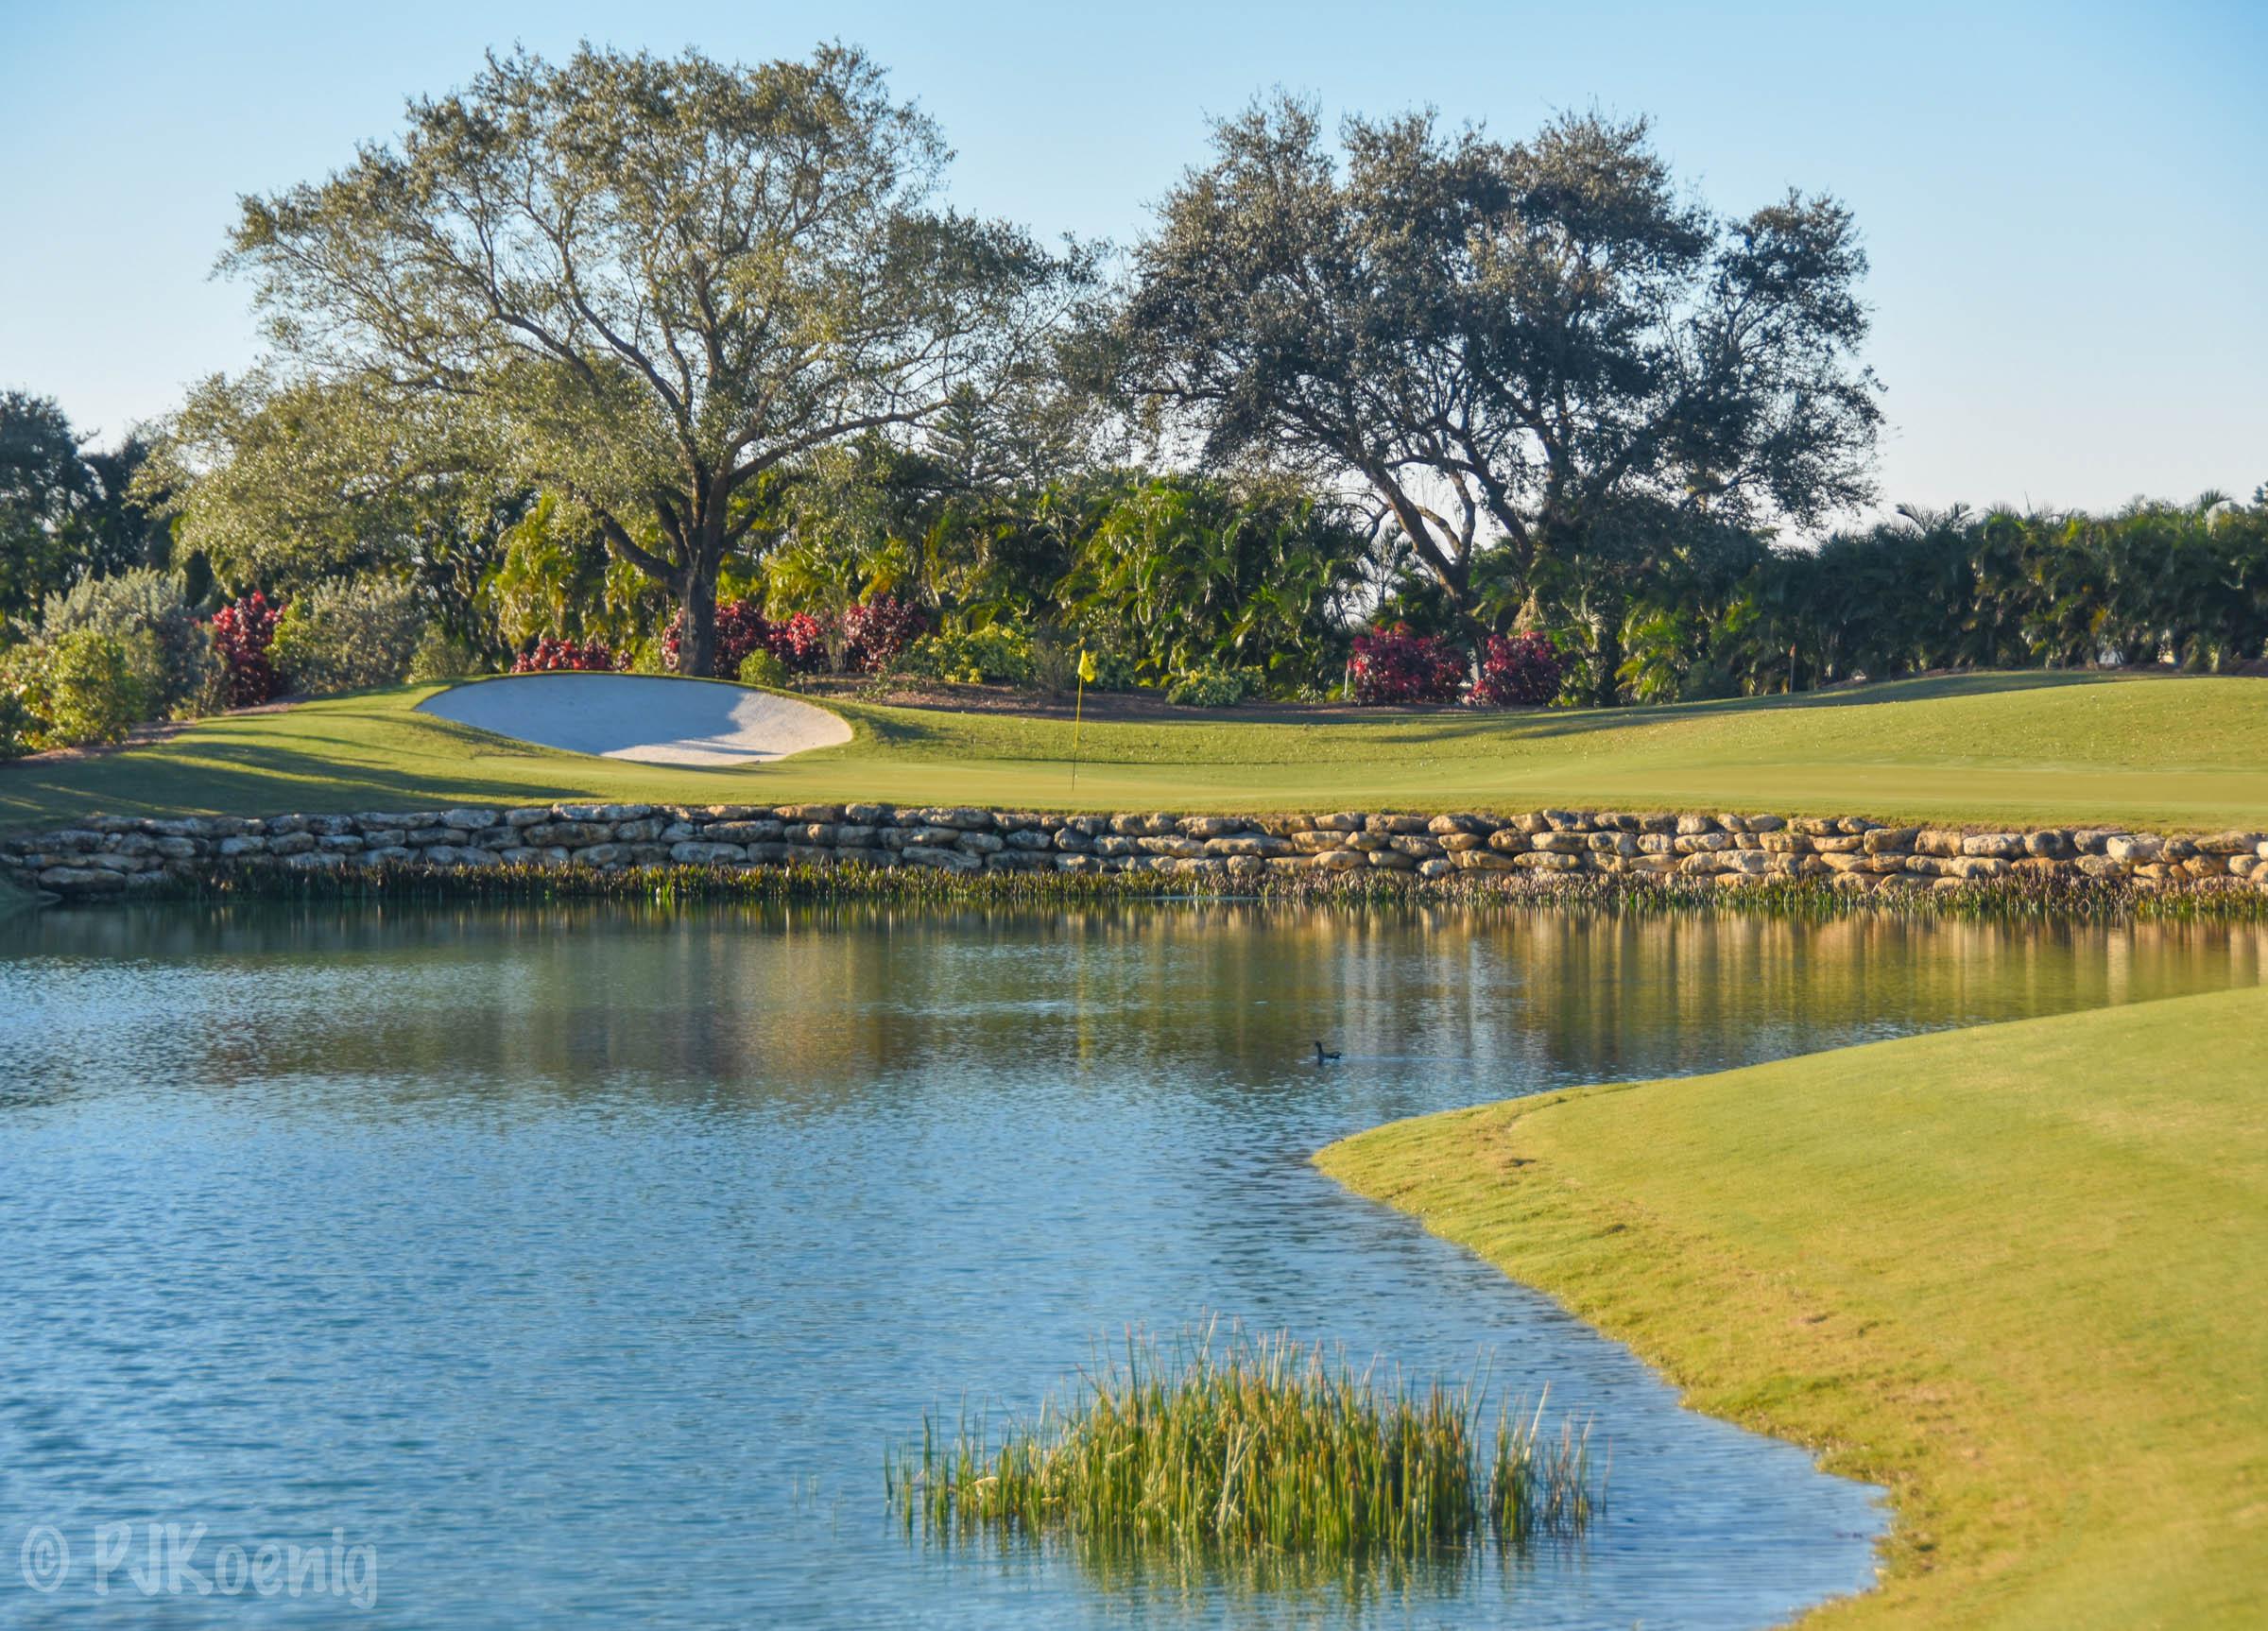 Adios Golf Club1-77.jpg